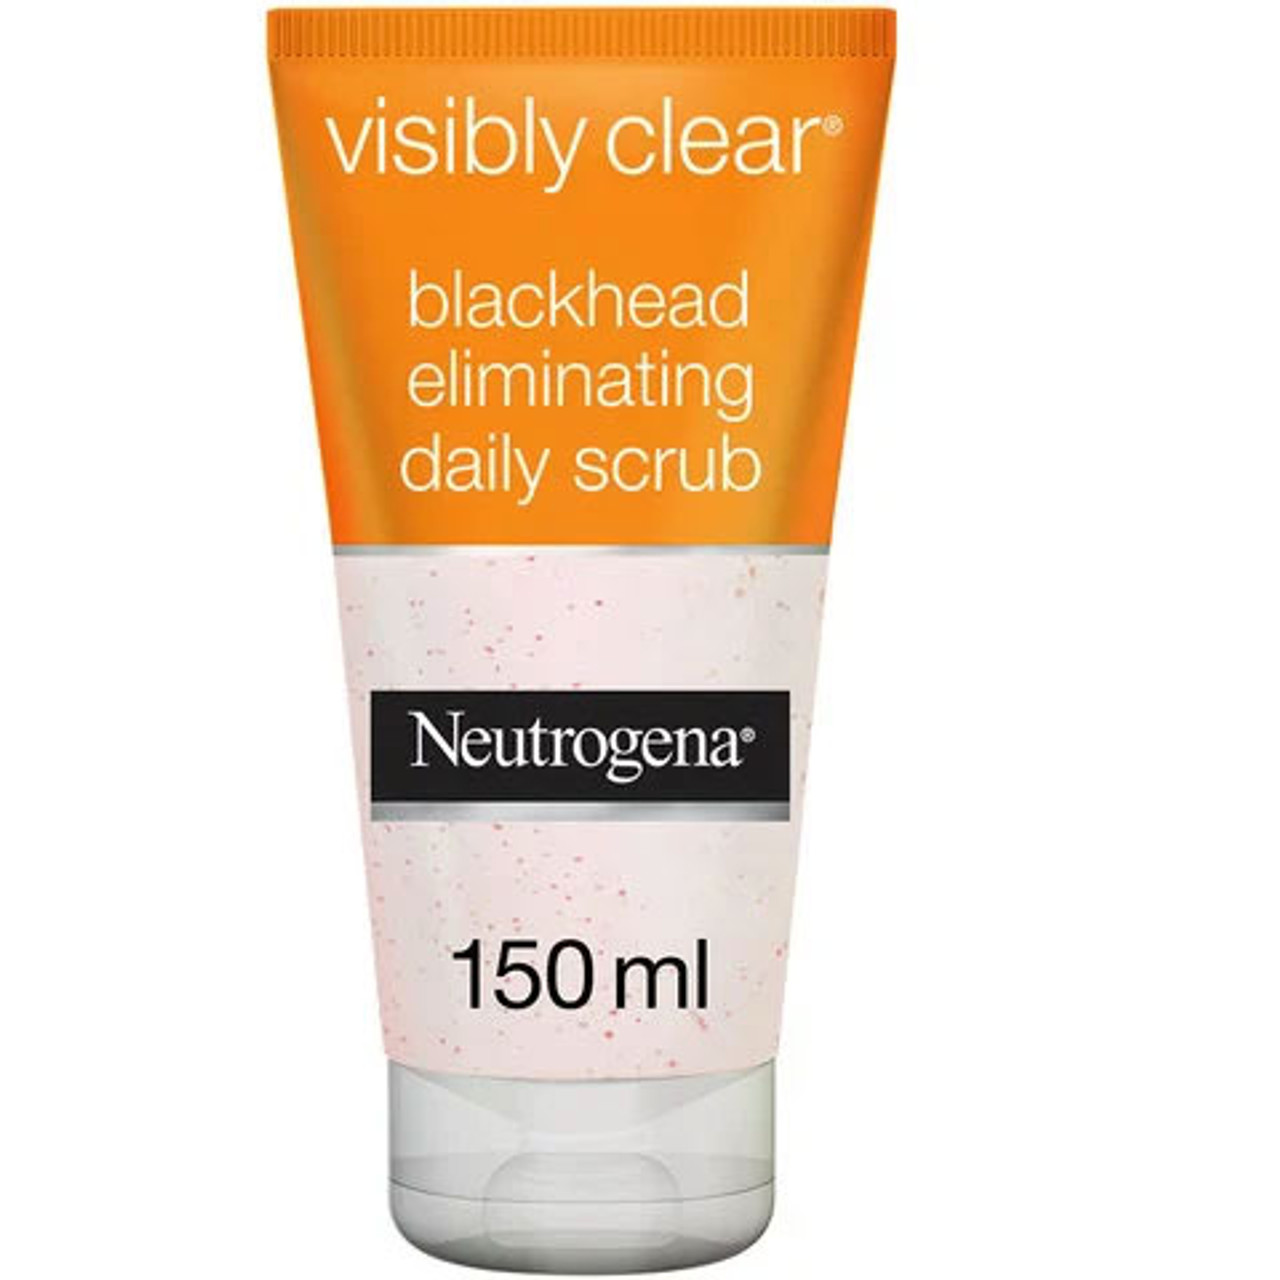 visibly clear scrub